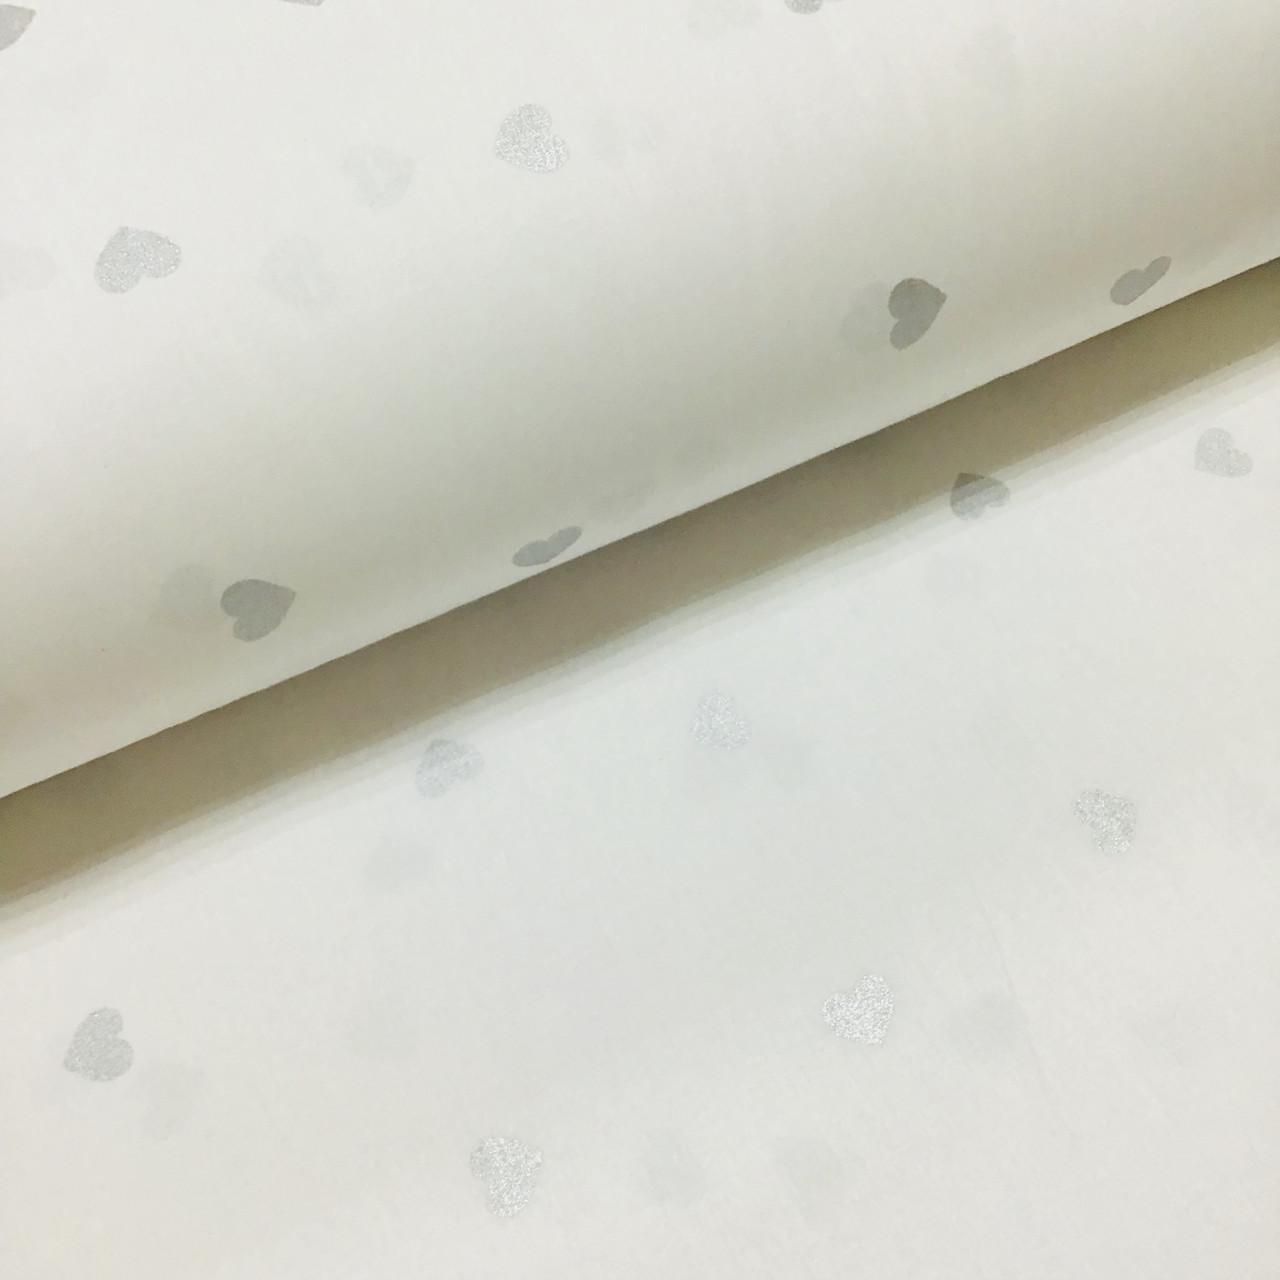 Ткань поплин серебряные (глиттер) сердечки на белом (ТУРЦИЯ шир. 2,4 м) №32-121